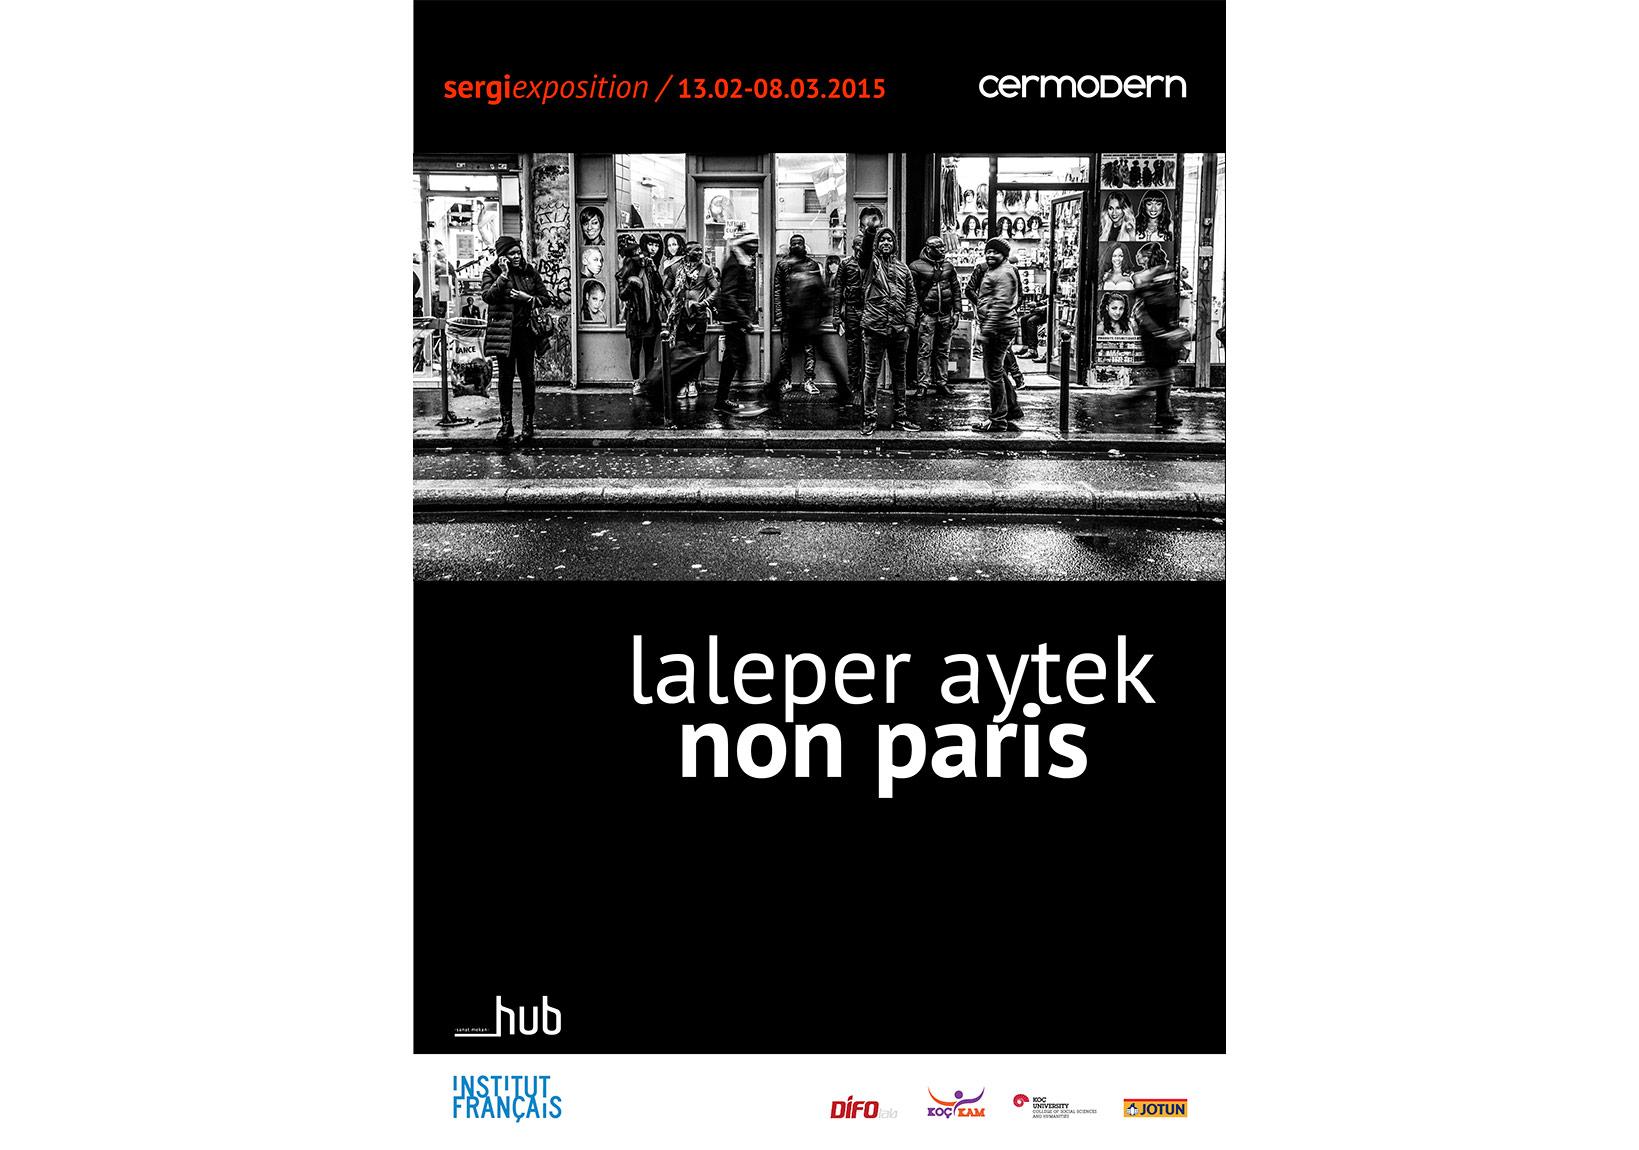 Non Paris sergi afişi